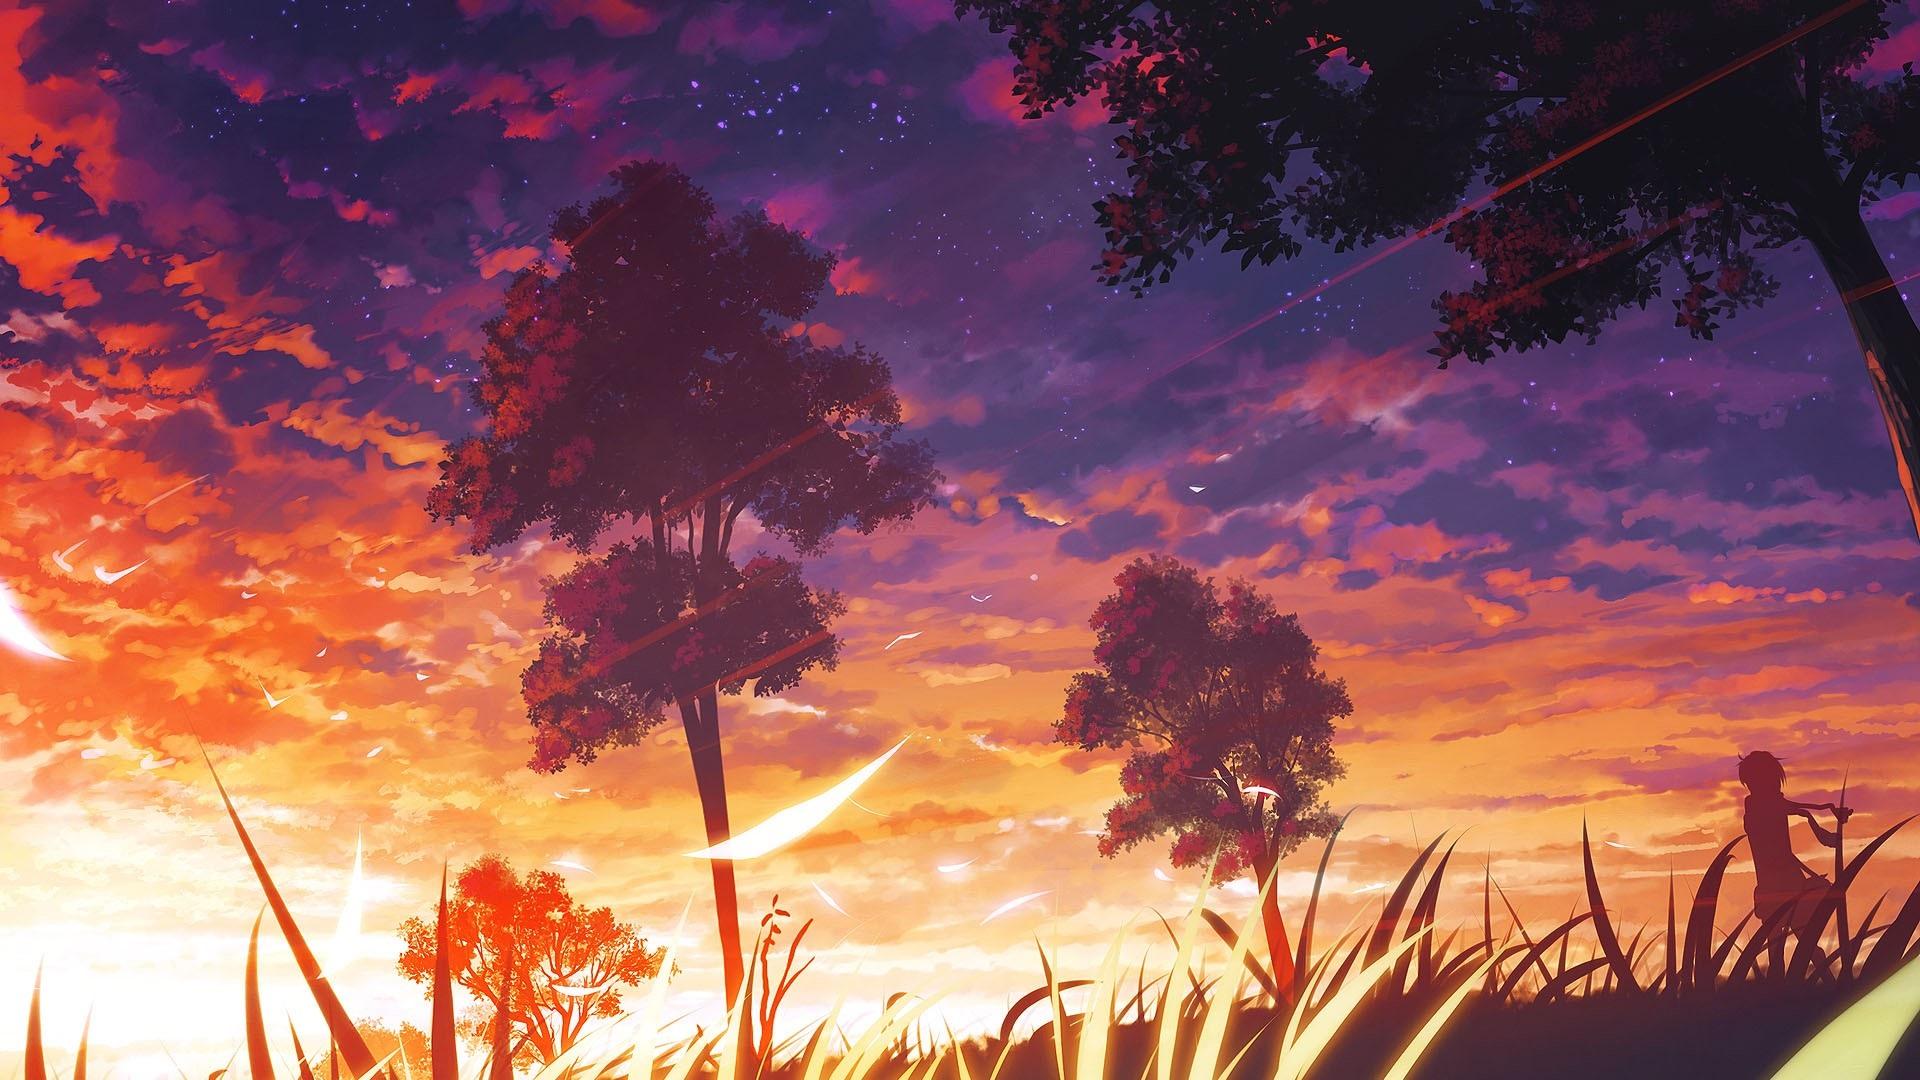 壁紙 アニメ 木々 夕日 雲 自然の風景 1920x1080 Full Hd 2k 無料